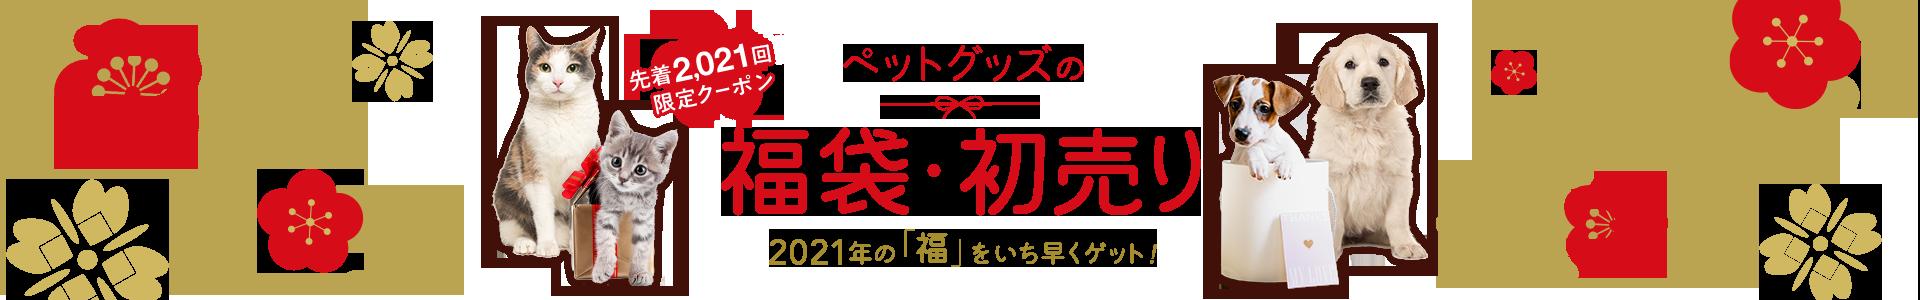 ペットグッズの福袋・初売り